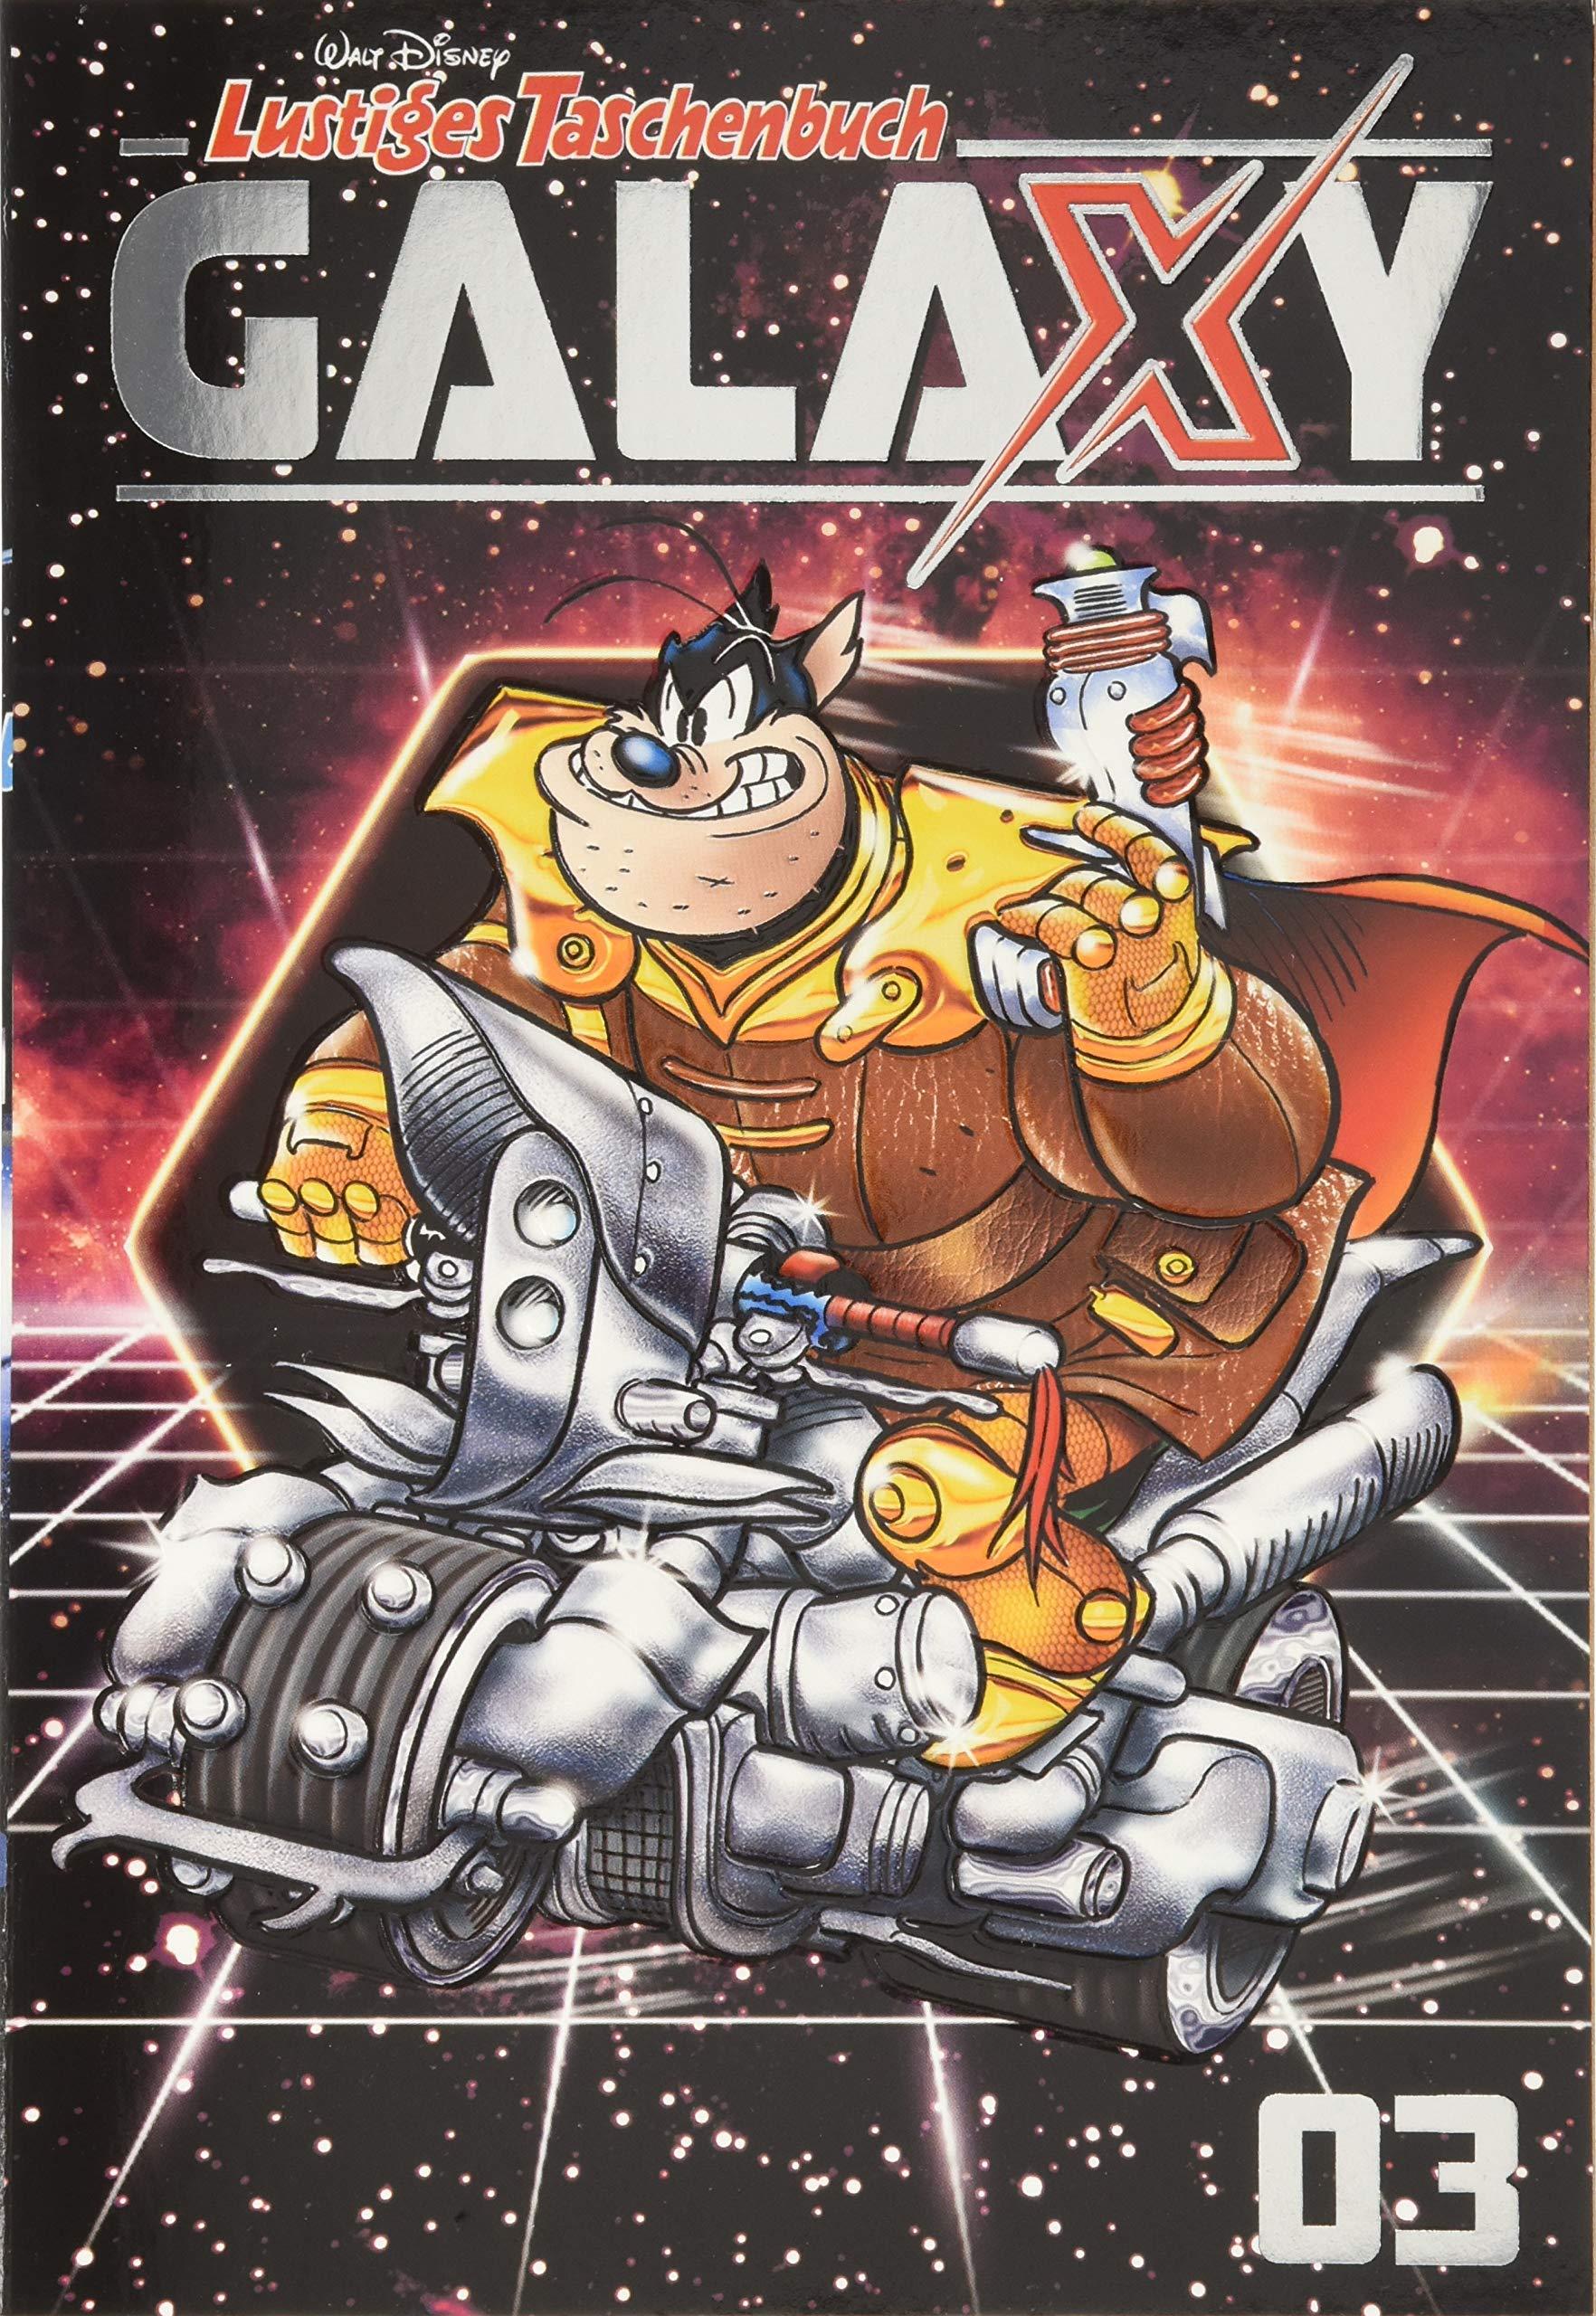 lustiges-taschenbuch-galaxy-03